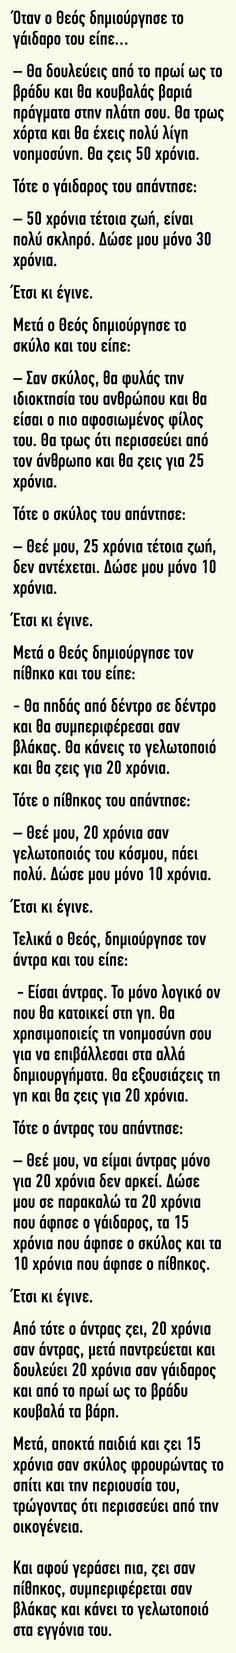 Ανέκδοτο : Όταν ο Θεός δημιούργησε το γάιδαρο του είπε - Εικόνα 1 Funny Moments, Geek Stuff, Jokes, Lol, Sayings, Greece, Funny Stuff, News, Decor